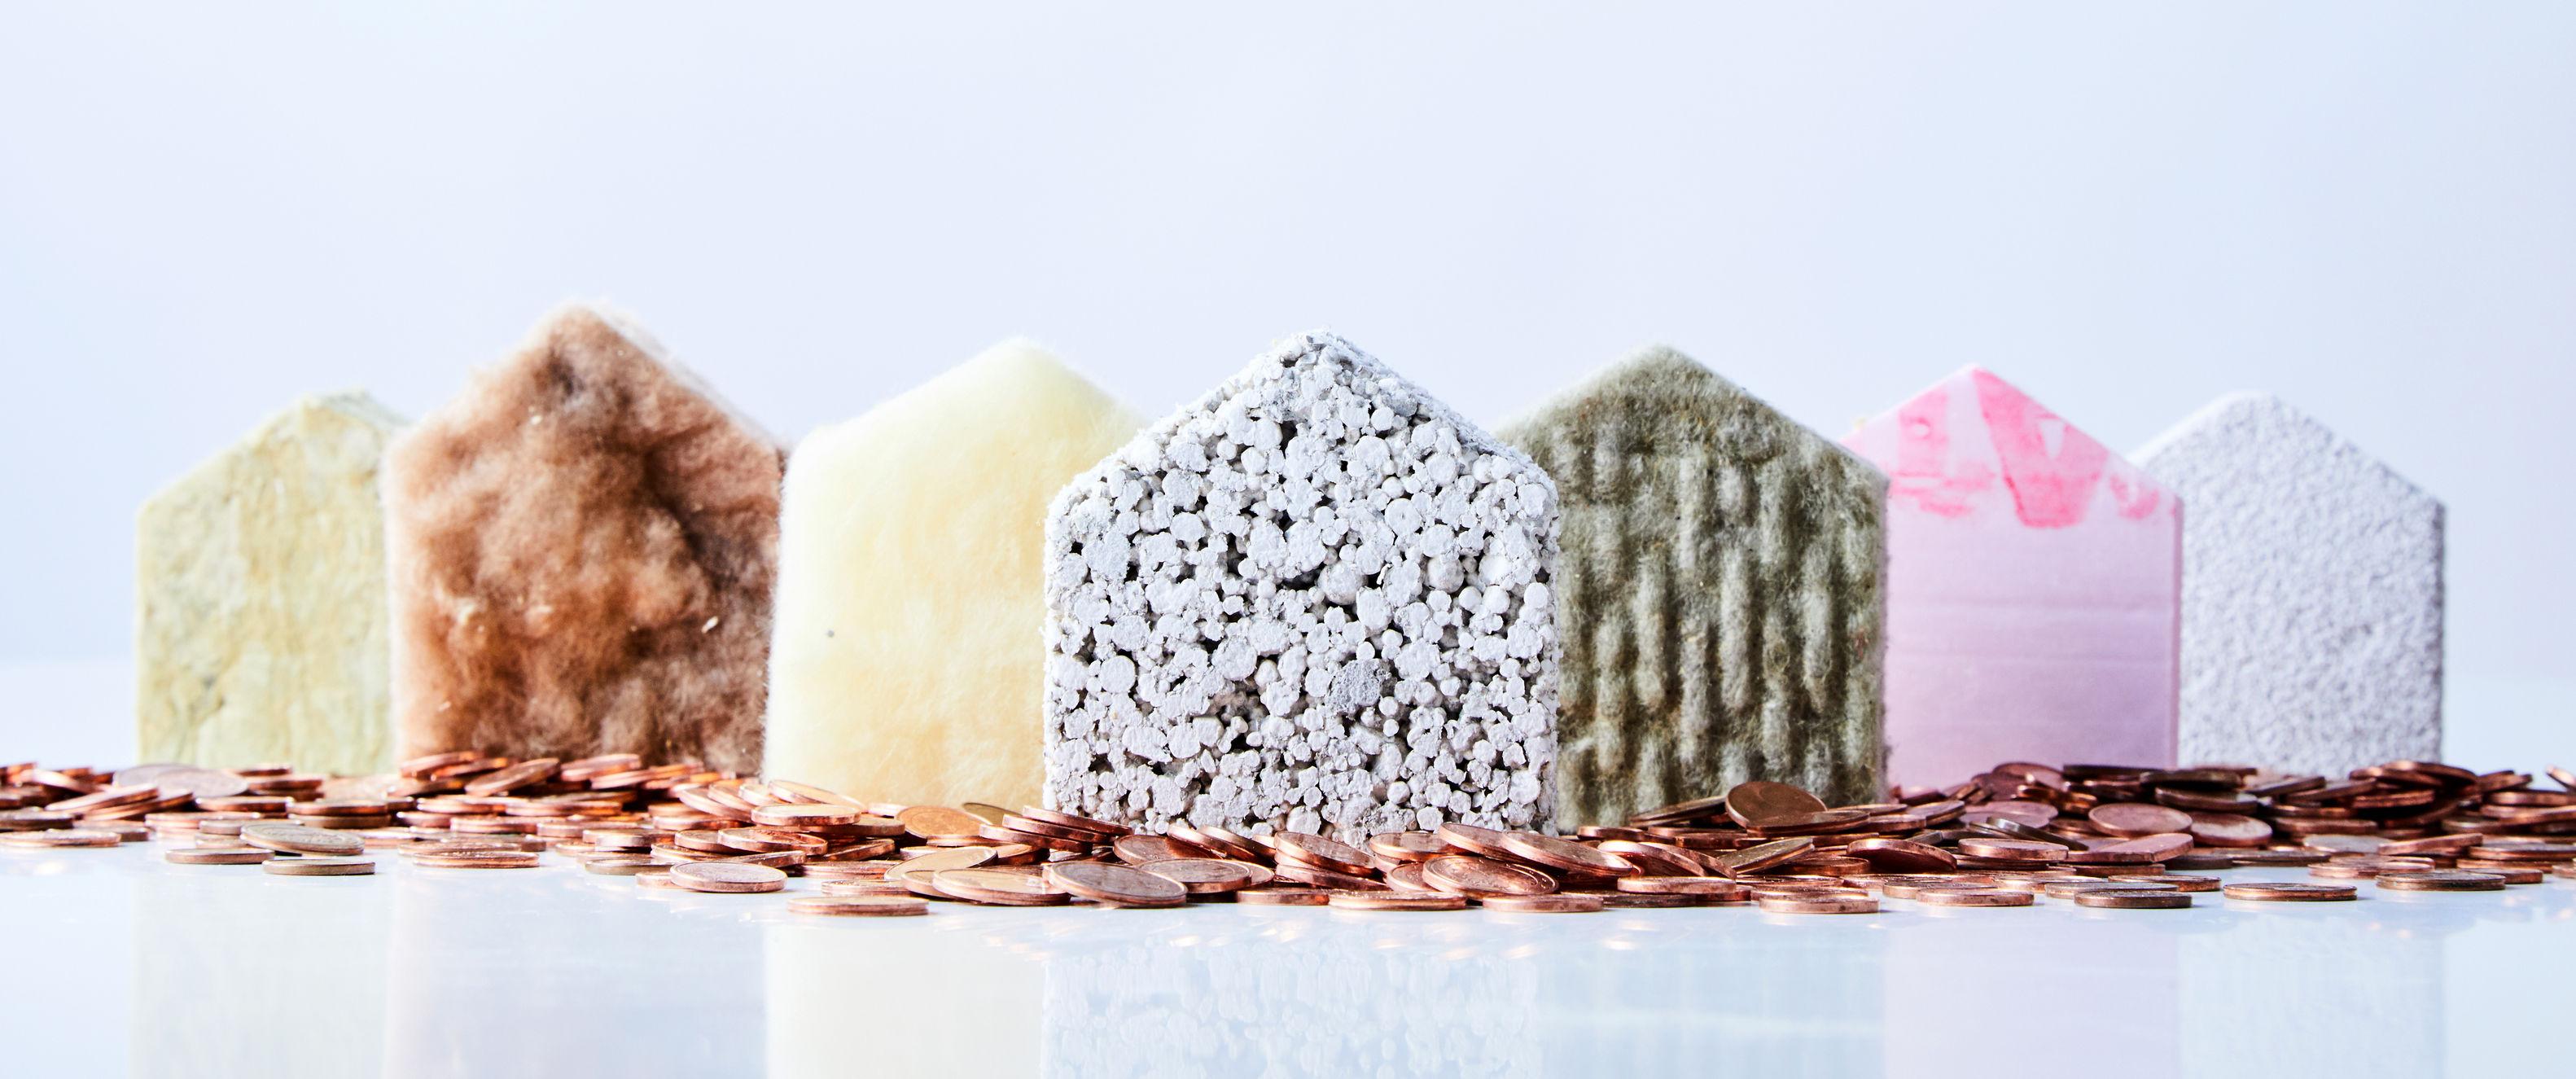 Construction d'une maison : qu'est-ce qu'implique la conformité à la RT 2012 ?